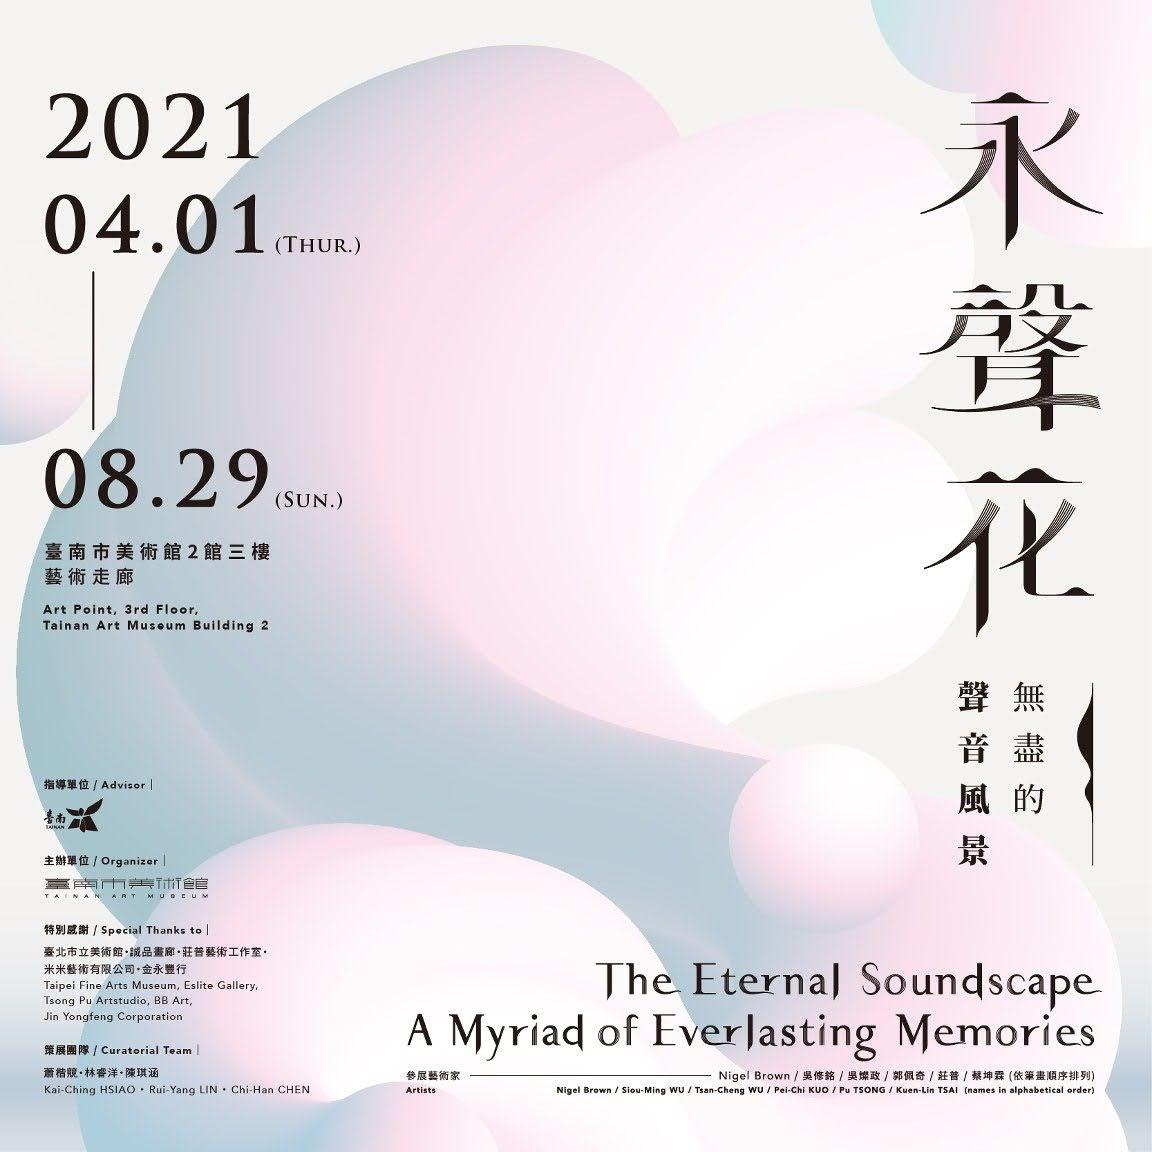 永聲花—無盡的聲音風景 The Eternal Soundscape—A Myriad of Everlasting Memories 活動